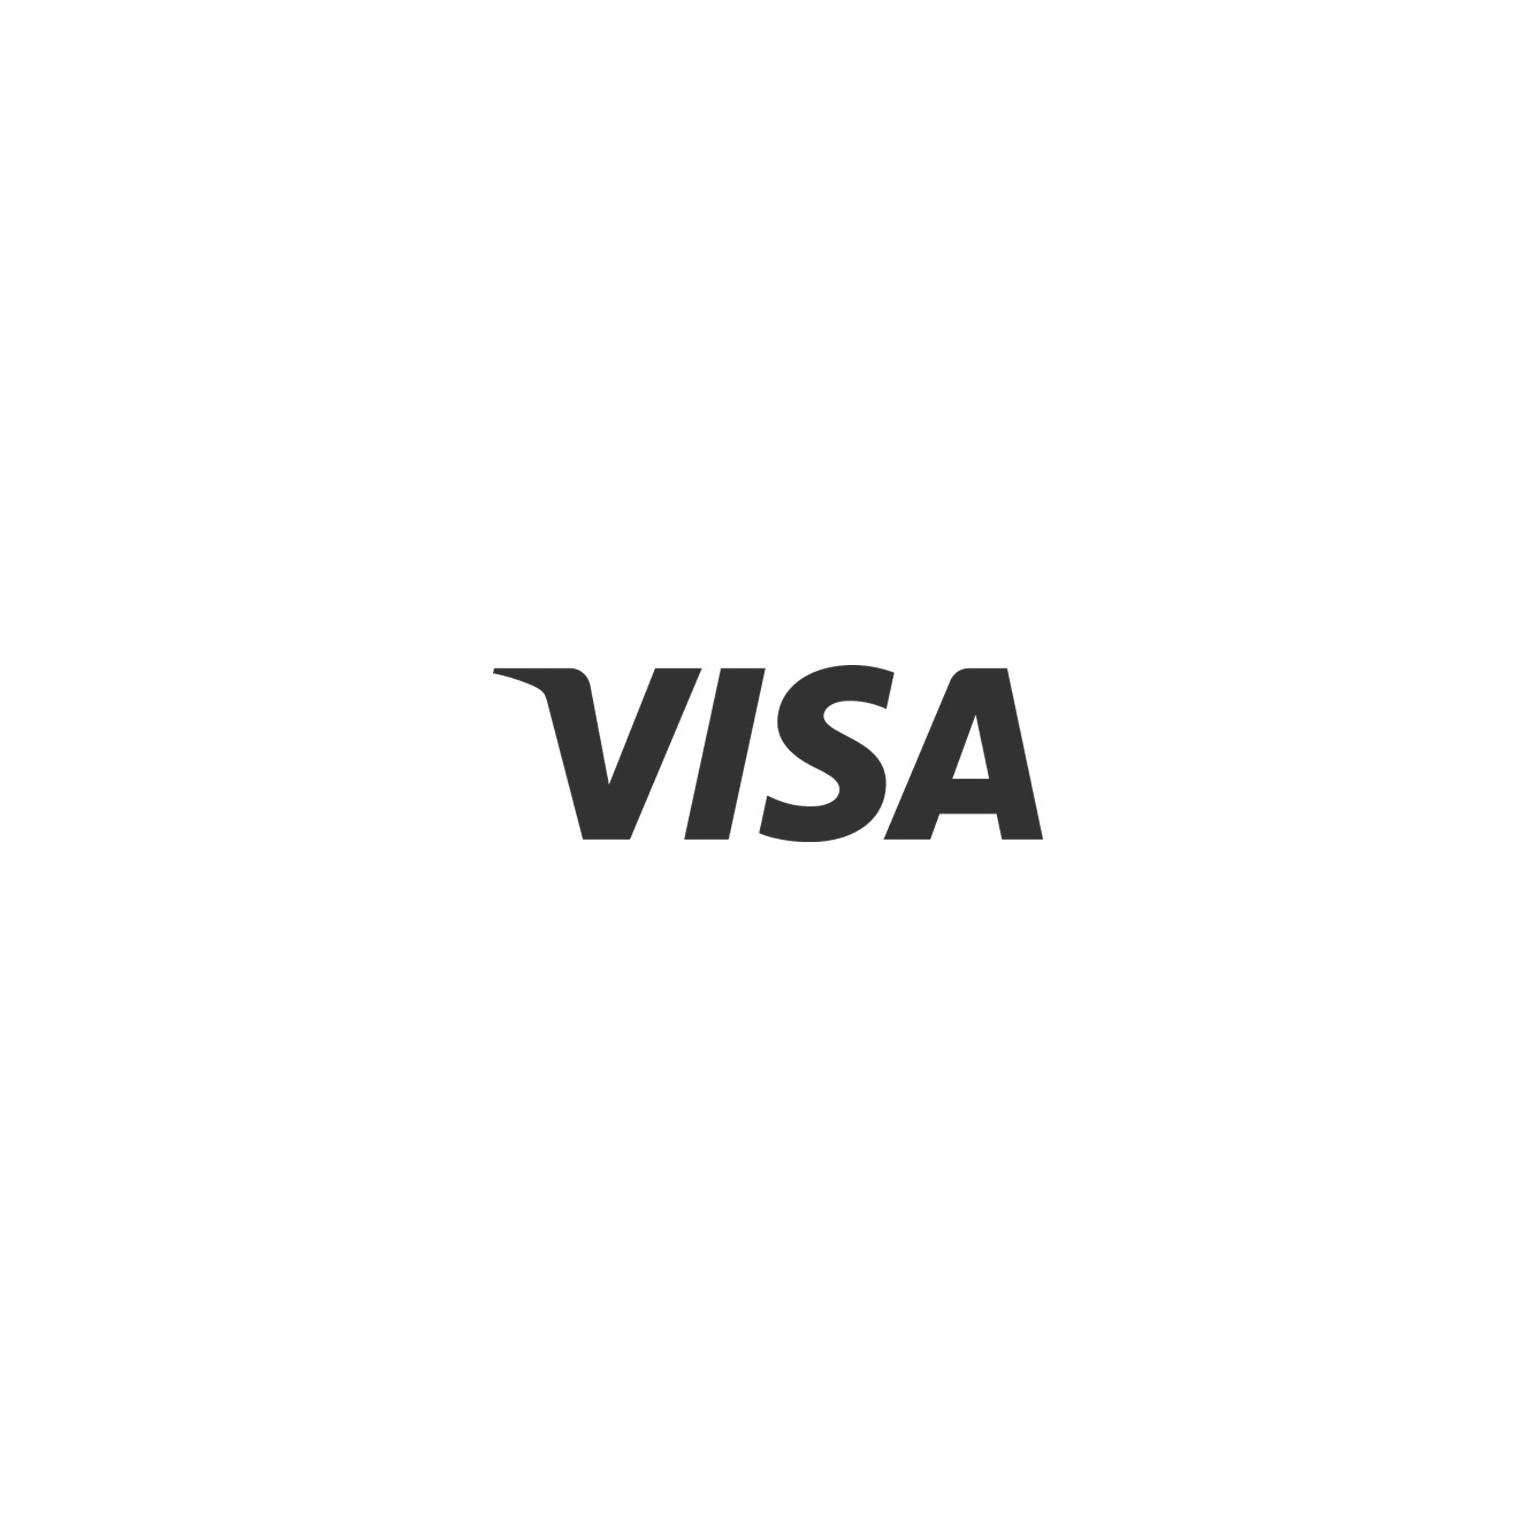 img_partner_logo_visa_square.jpg